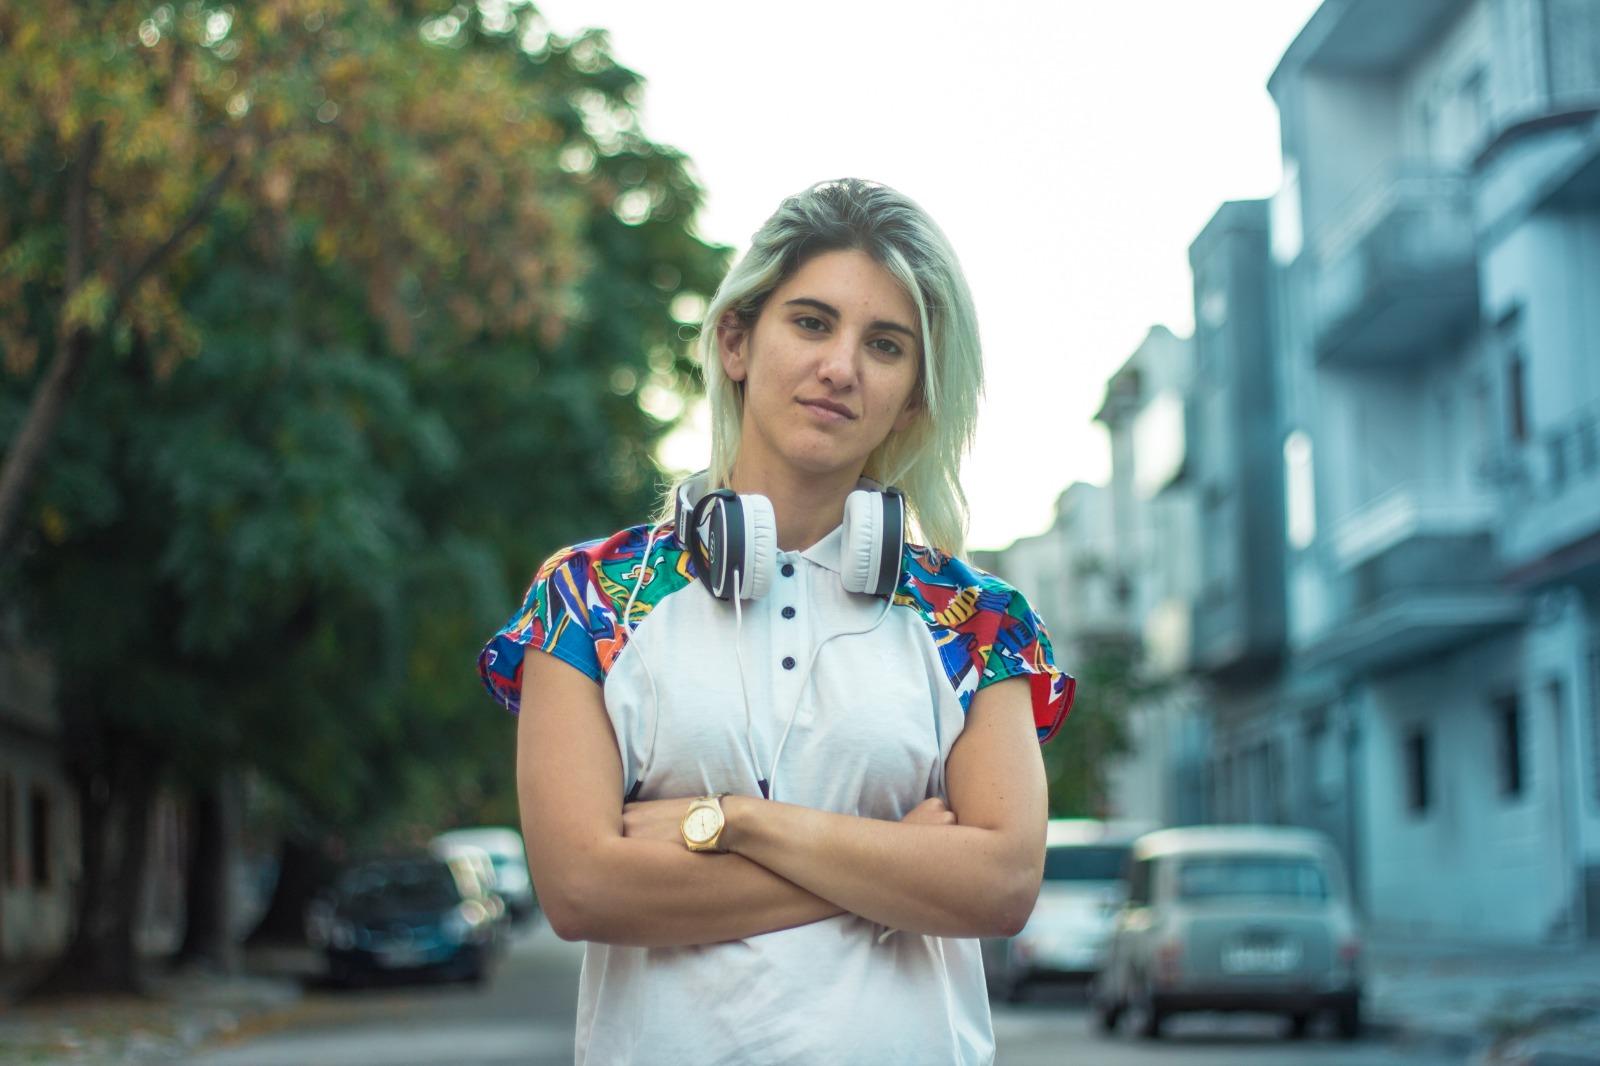 Valeria Bonilla - Student Spotlight